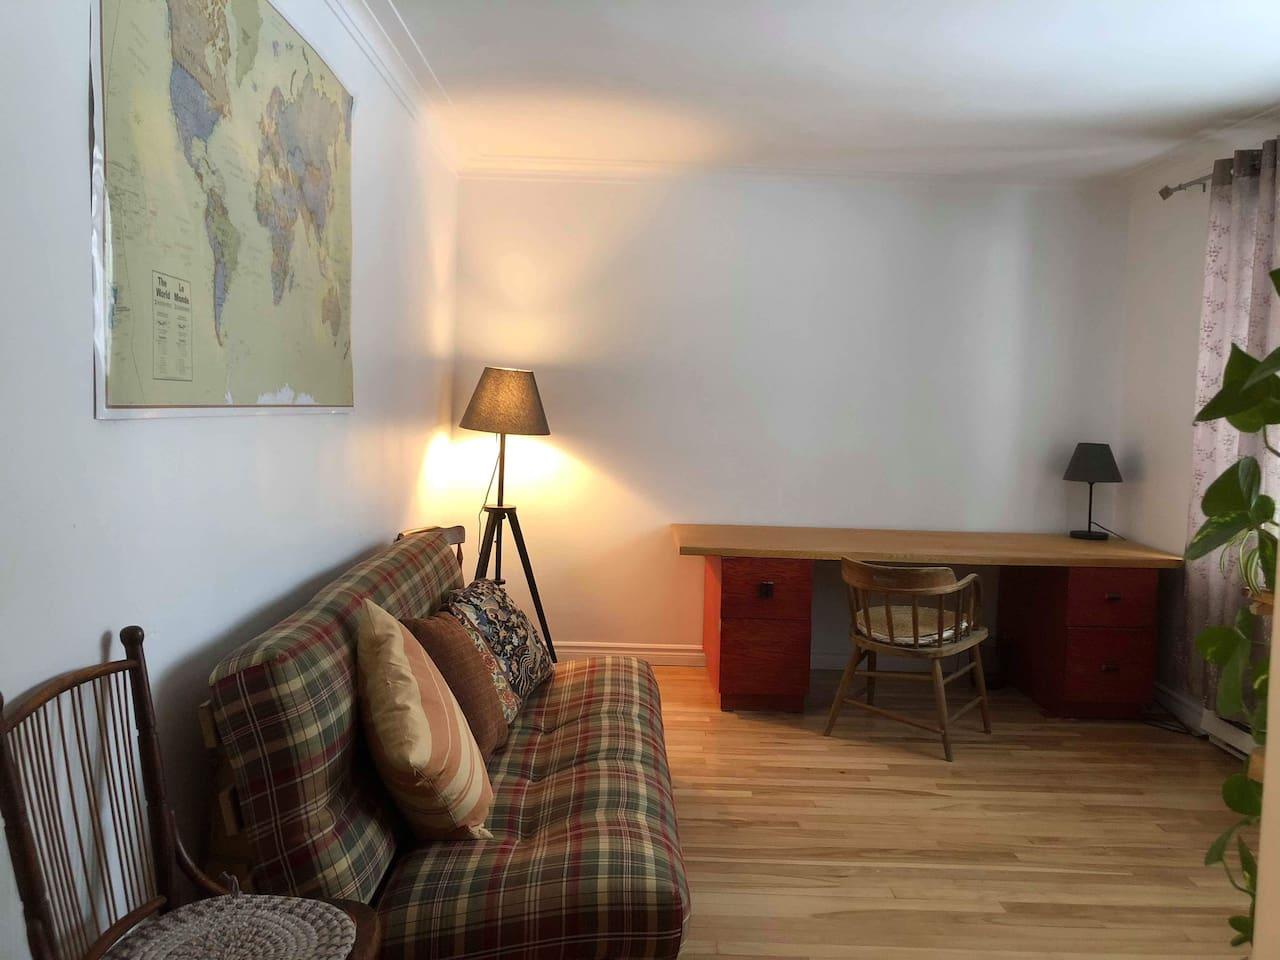 Salle de détente - Bureau / Living room and office